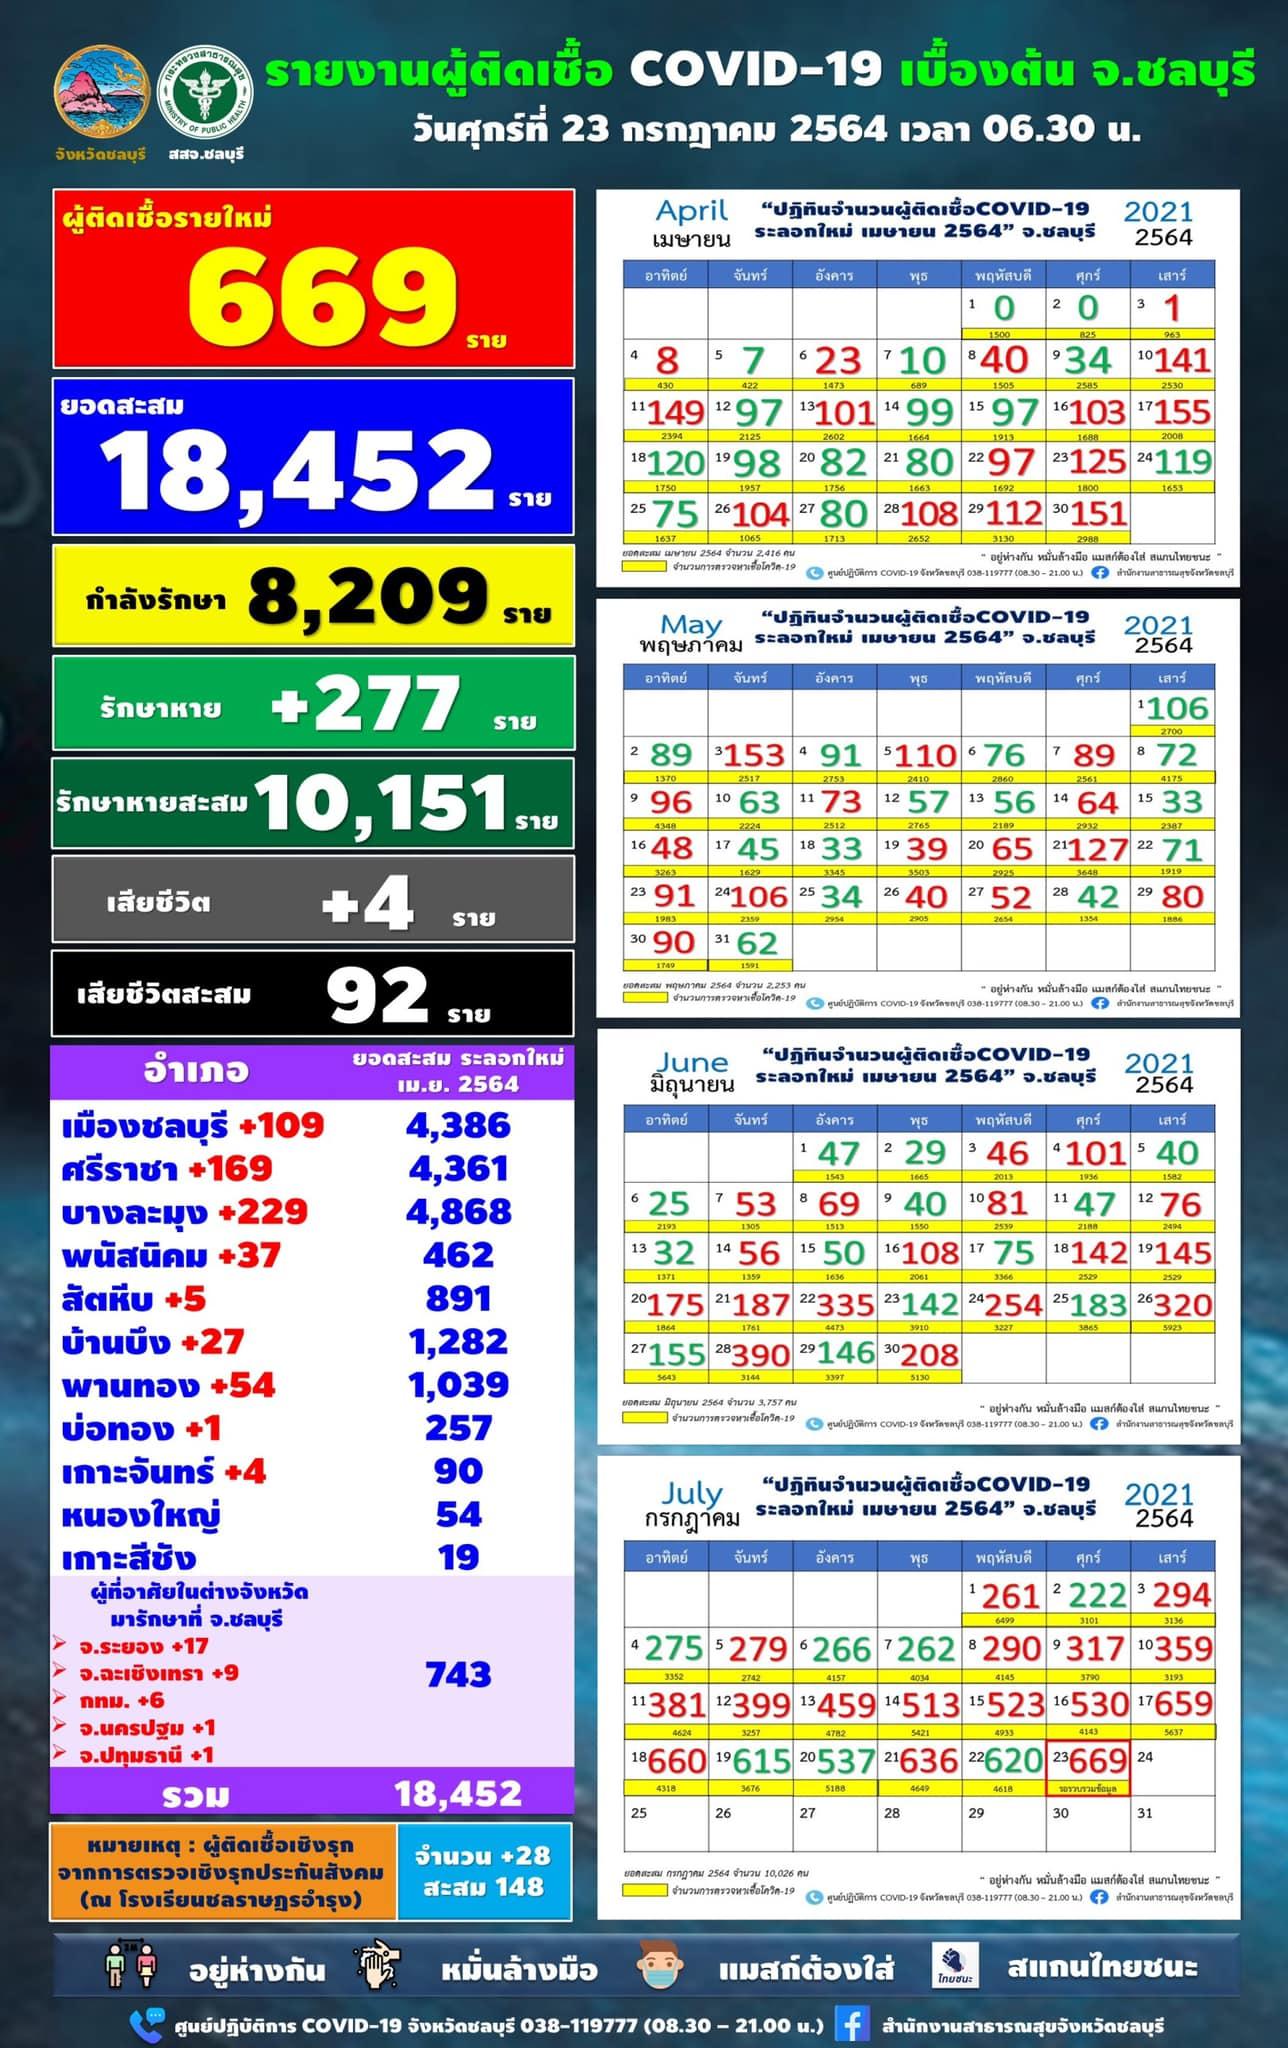 チョンブリ県 669人陽性で過去最多/パタヤ229人/シラチャ169人[2021年7月23日]